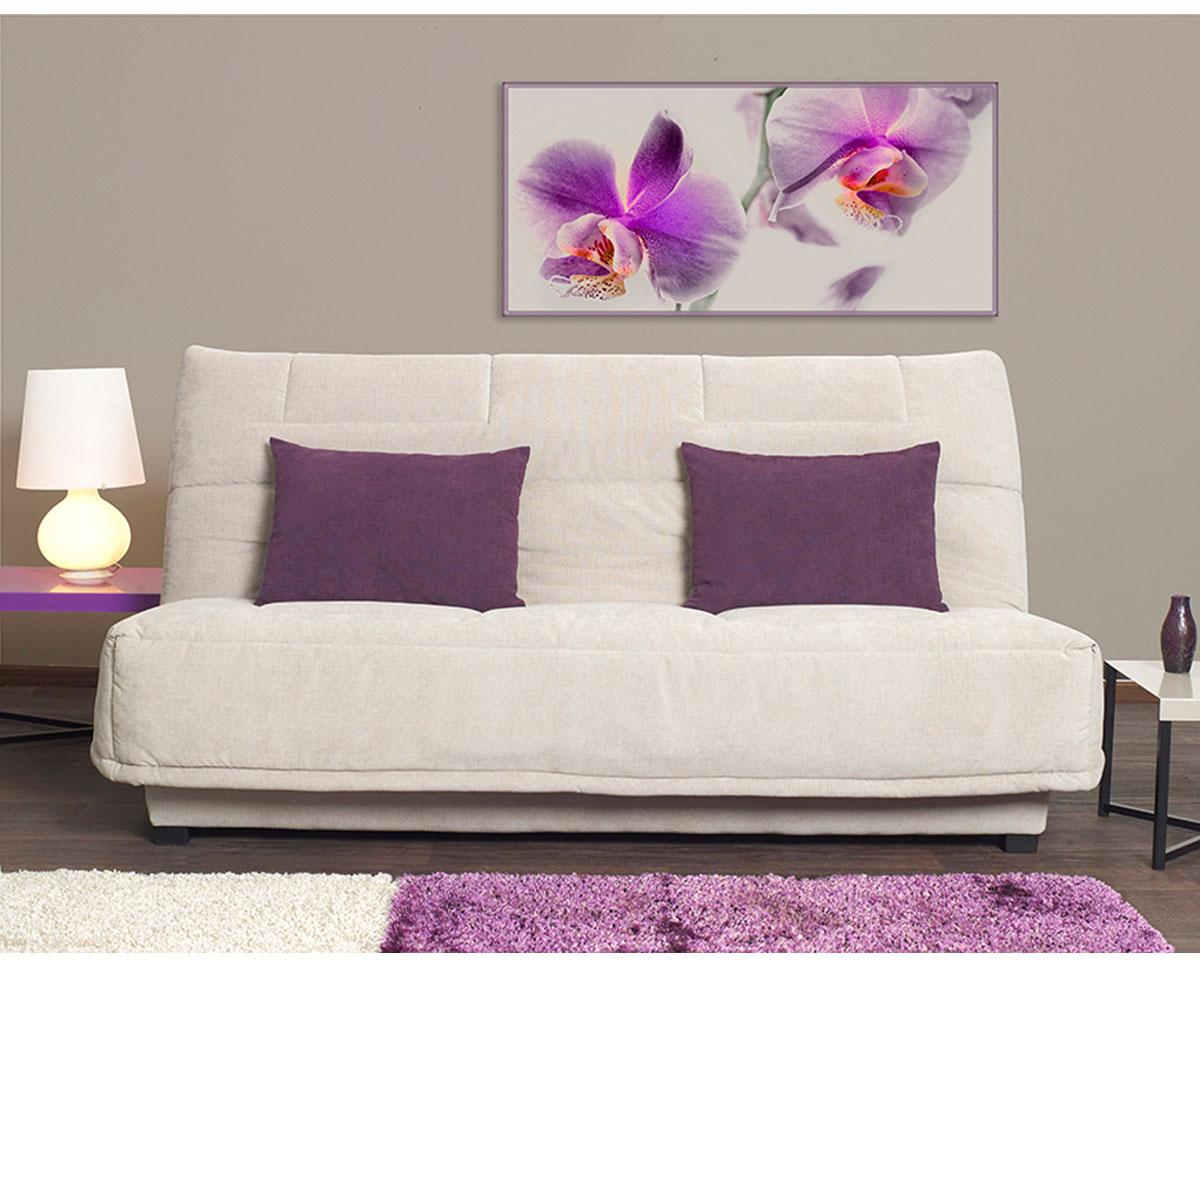 clic clac comment bien g rer les espaces r duits. Black Bedroom Furniture Sets. Home Design Ideas